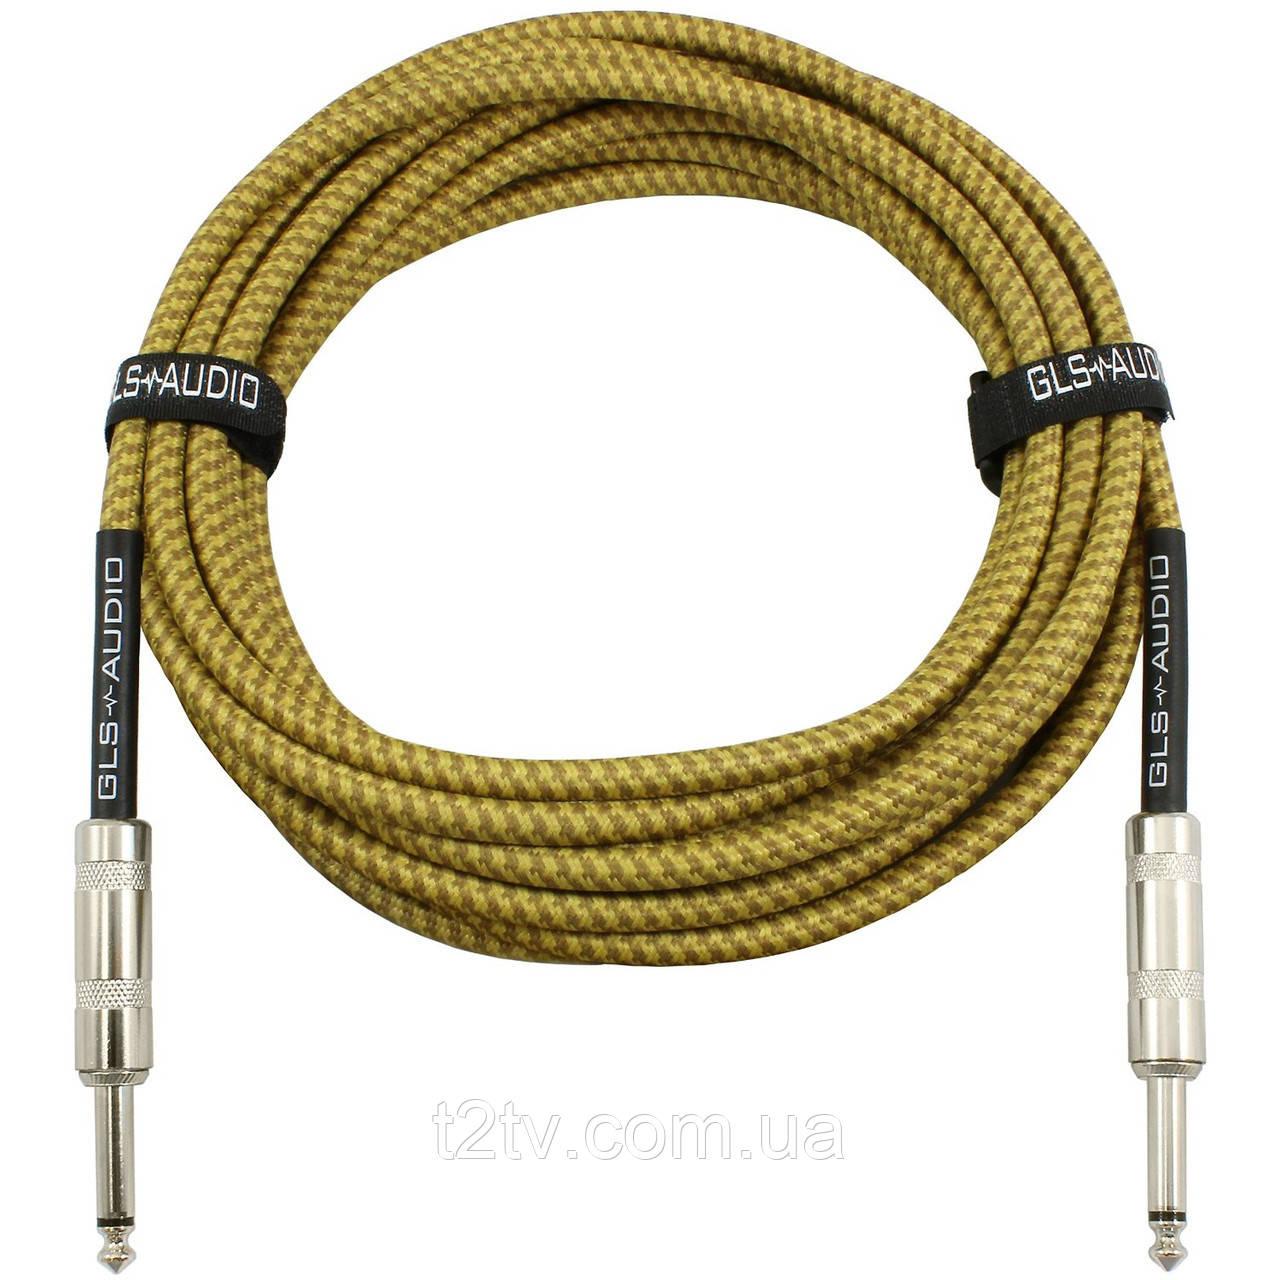 Гитарный кабель, шнур инструментальный для гитары - Онлайн Гипермаркет Т2ТВ в Киеве